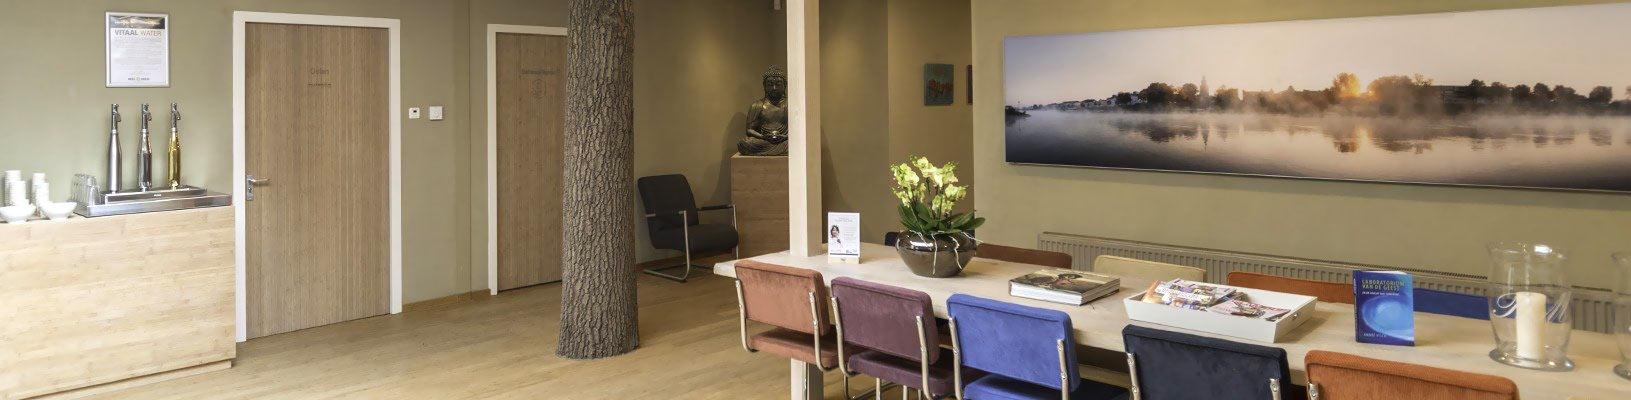 Partners afspraak maken HeelHuus Gezondheidscentrum Warnsveld Zutphen